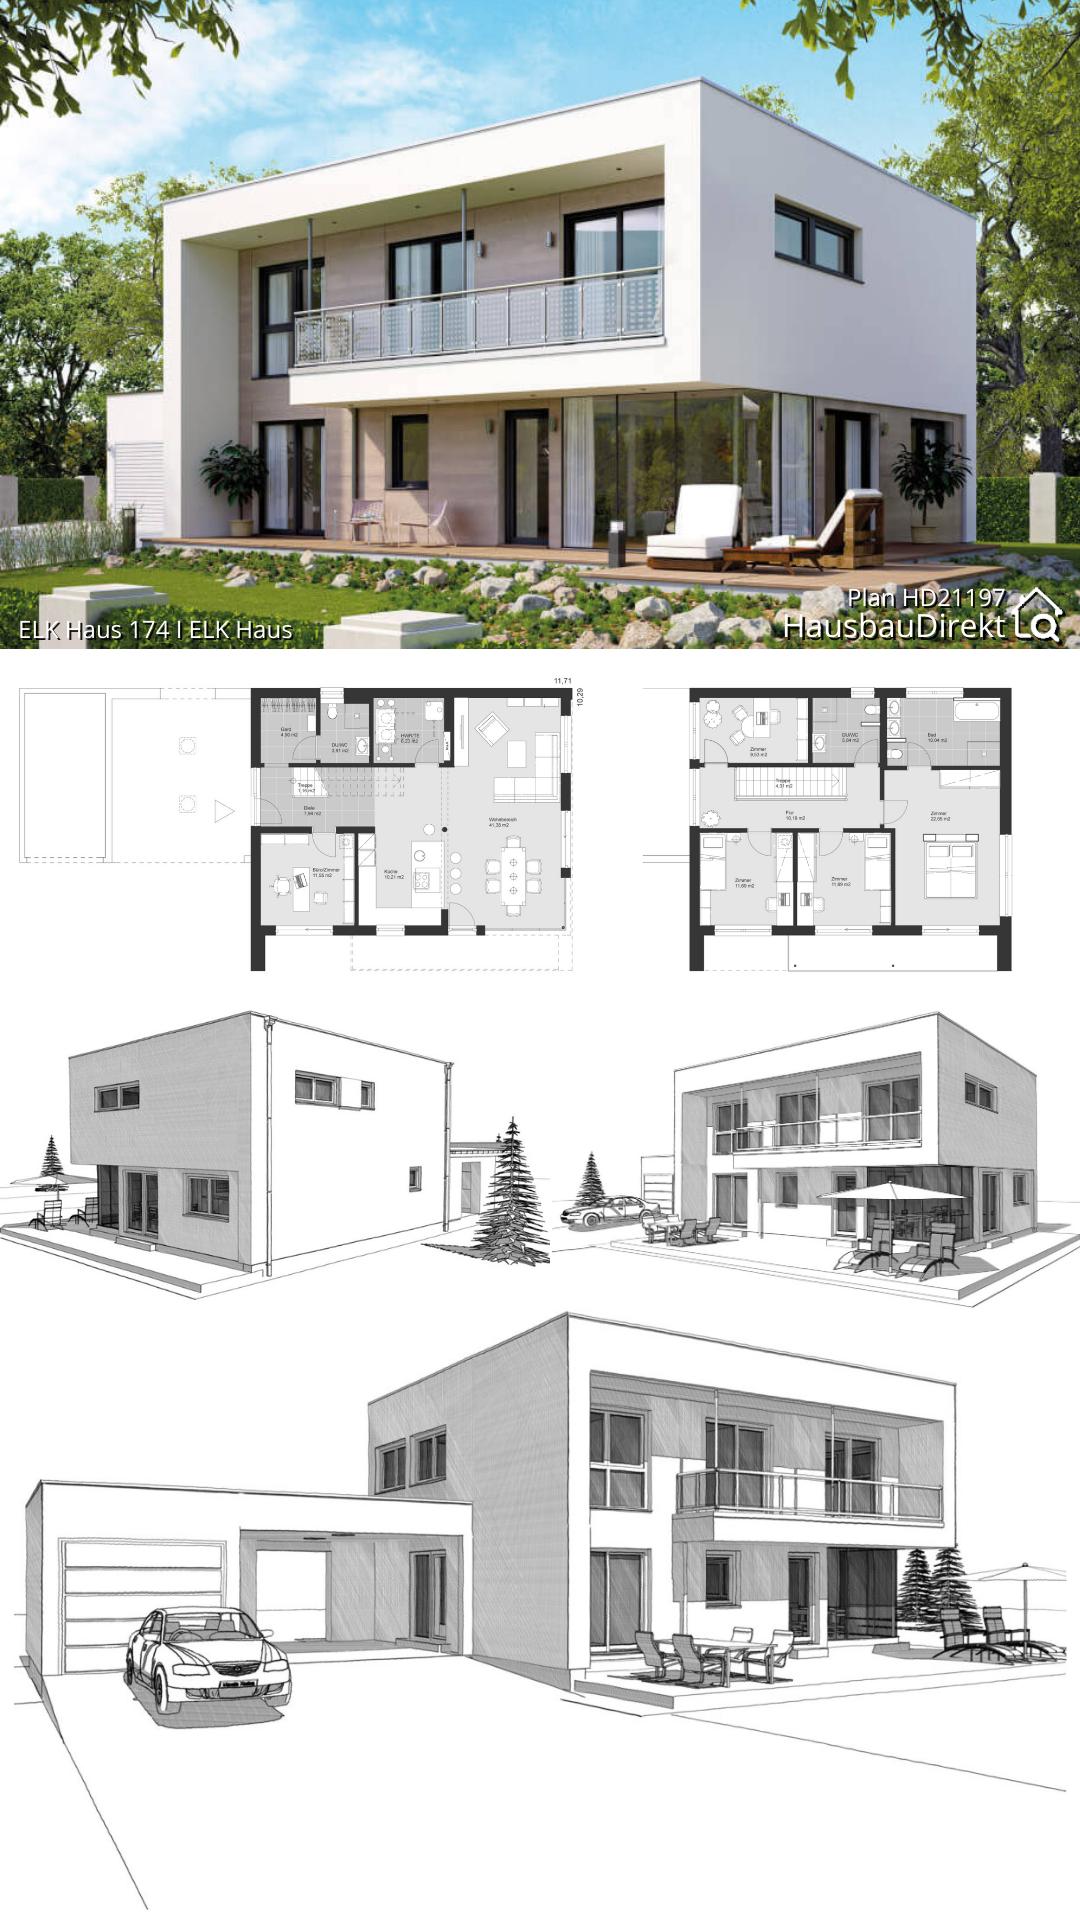 Modernes Haus Design mit Flachdach Architektur bauen Einfamilienhaus Grundriss Ideen Fertighaus